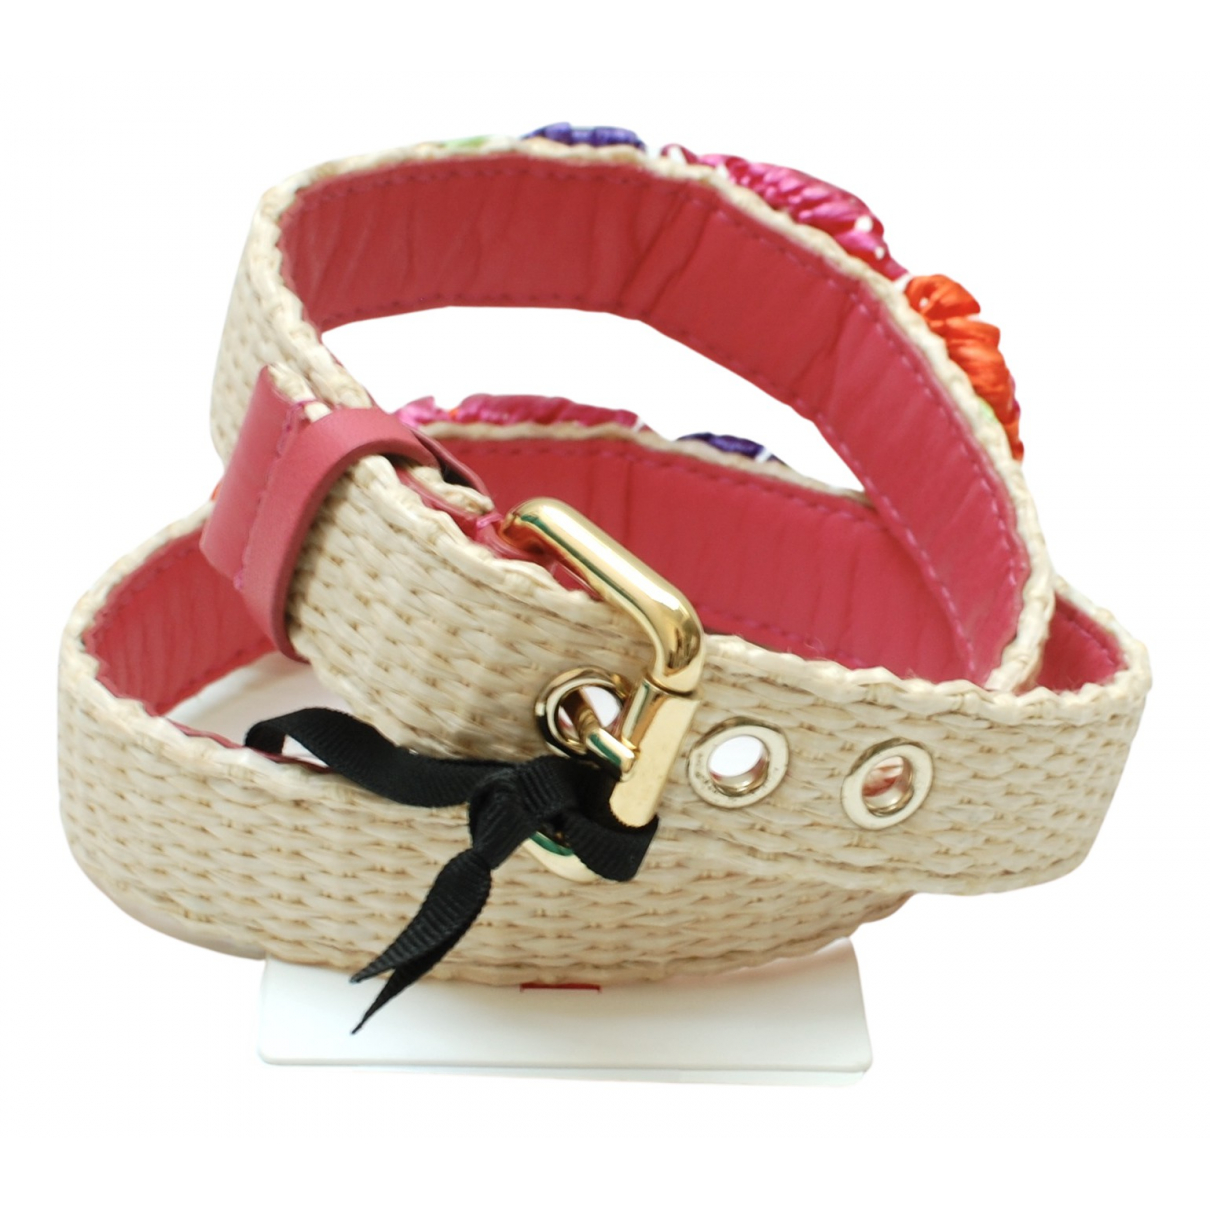 Red Valentino Garavani N Beige Leather belt for Women 80 cm